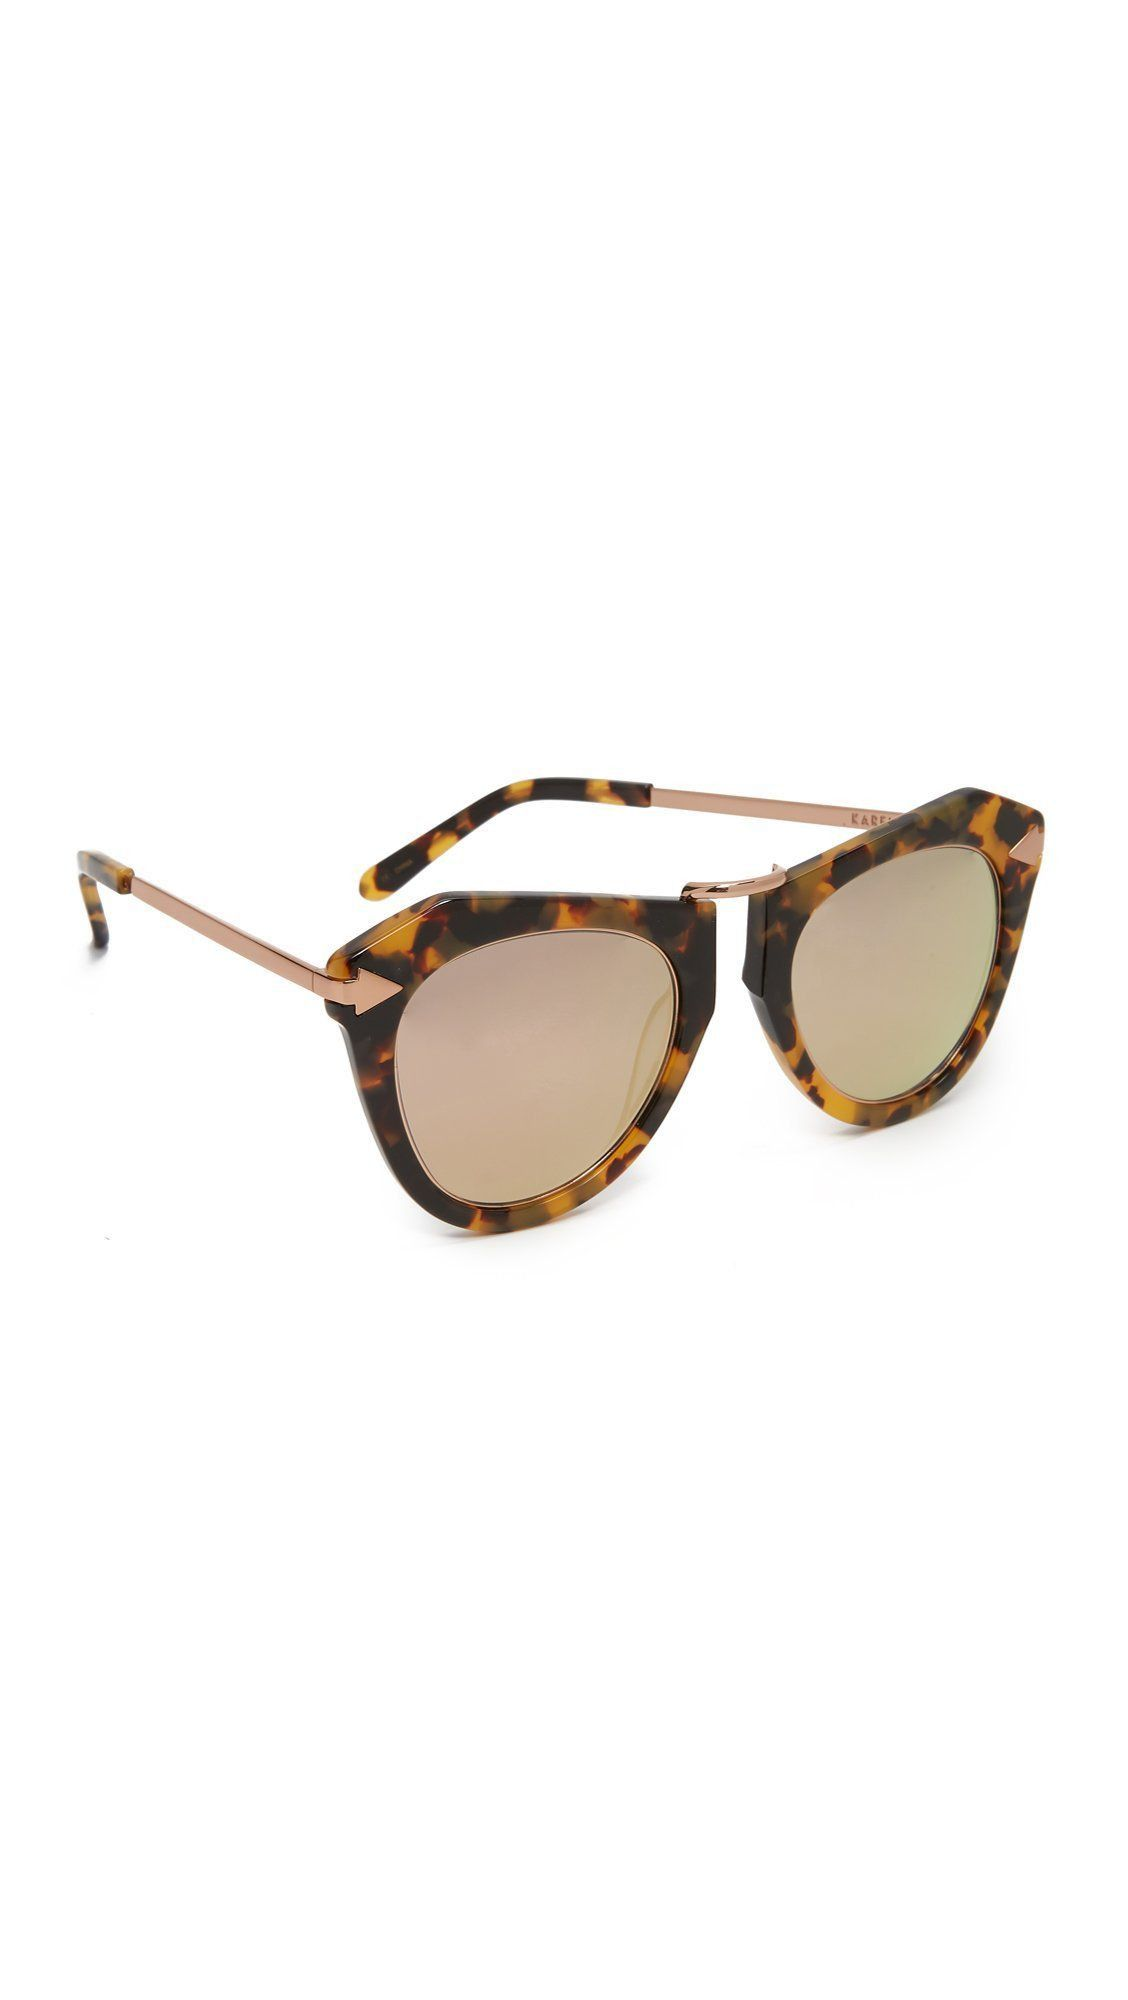 a5d927c872 16 Awesome Rose Lens Sunglasses Ideas - rose le soleil rit